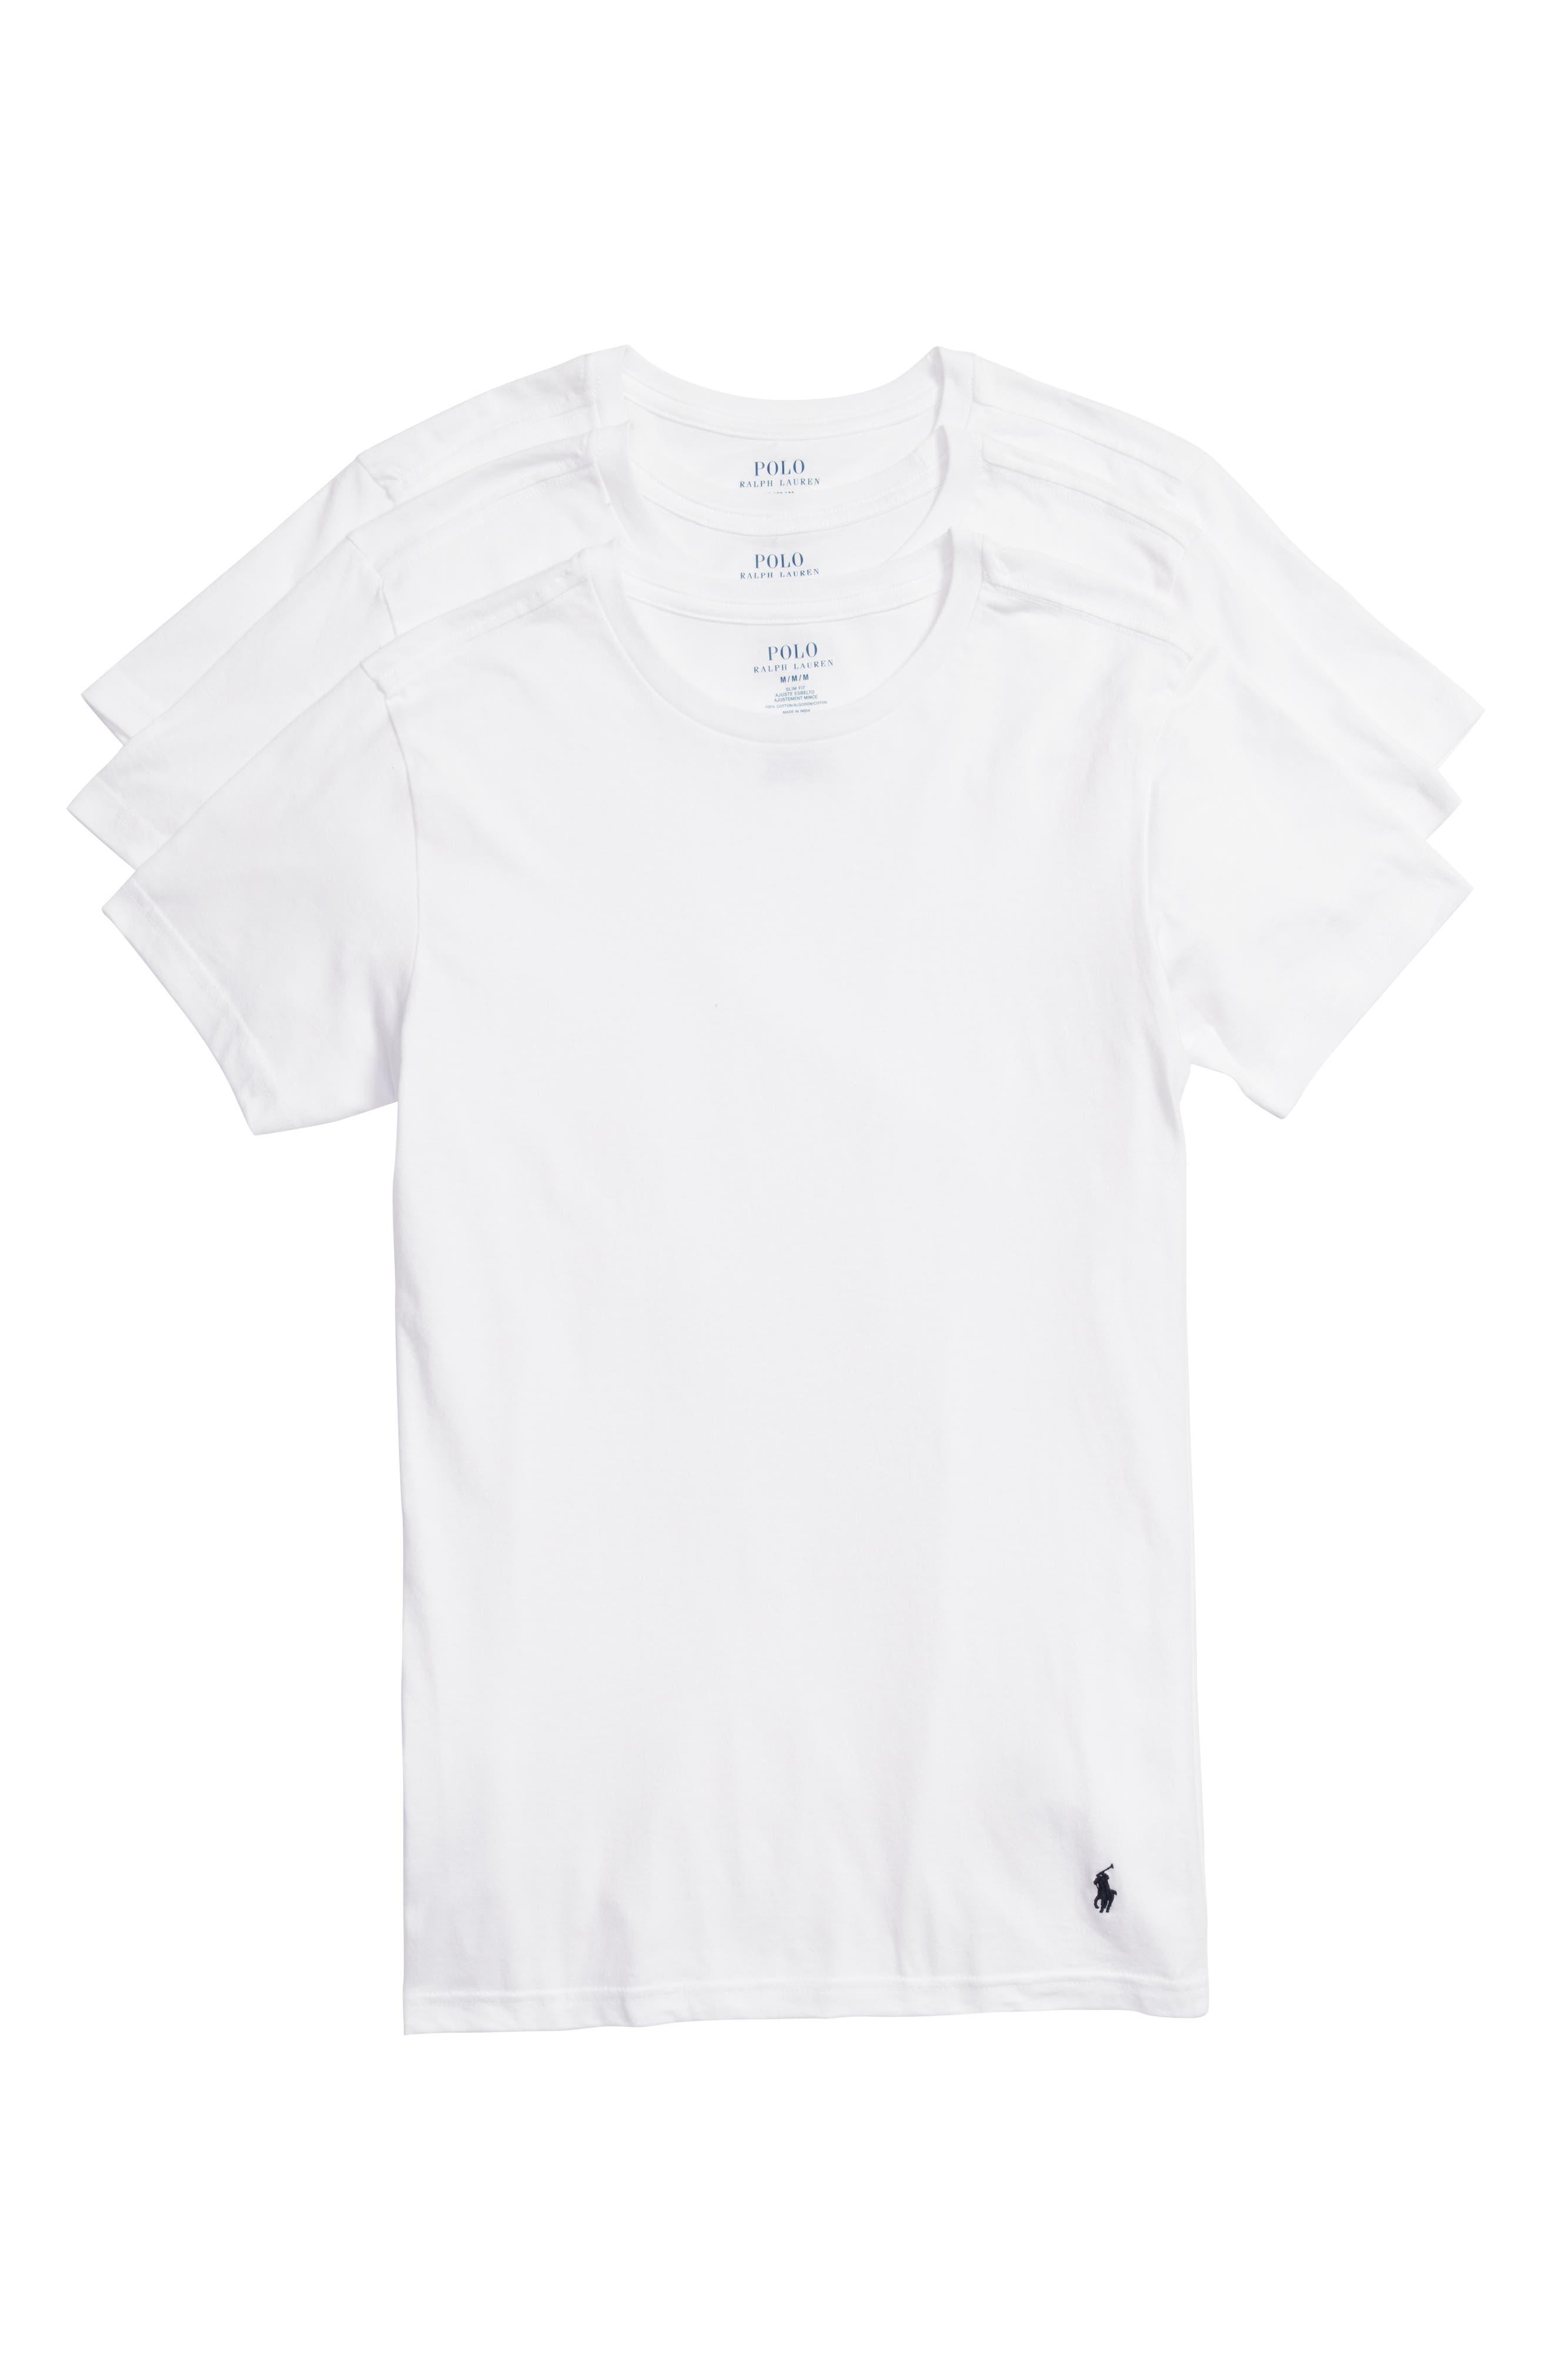 LAUREN RALPH LAUREN, Polo Ralph Lauren 3-Pack Slim Fit Crewneck T-Shirts, Main thumbnail 1, color, WHITE